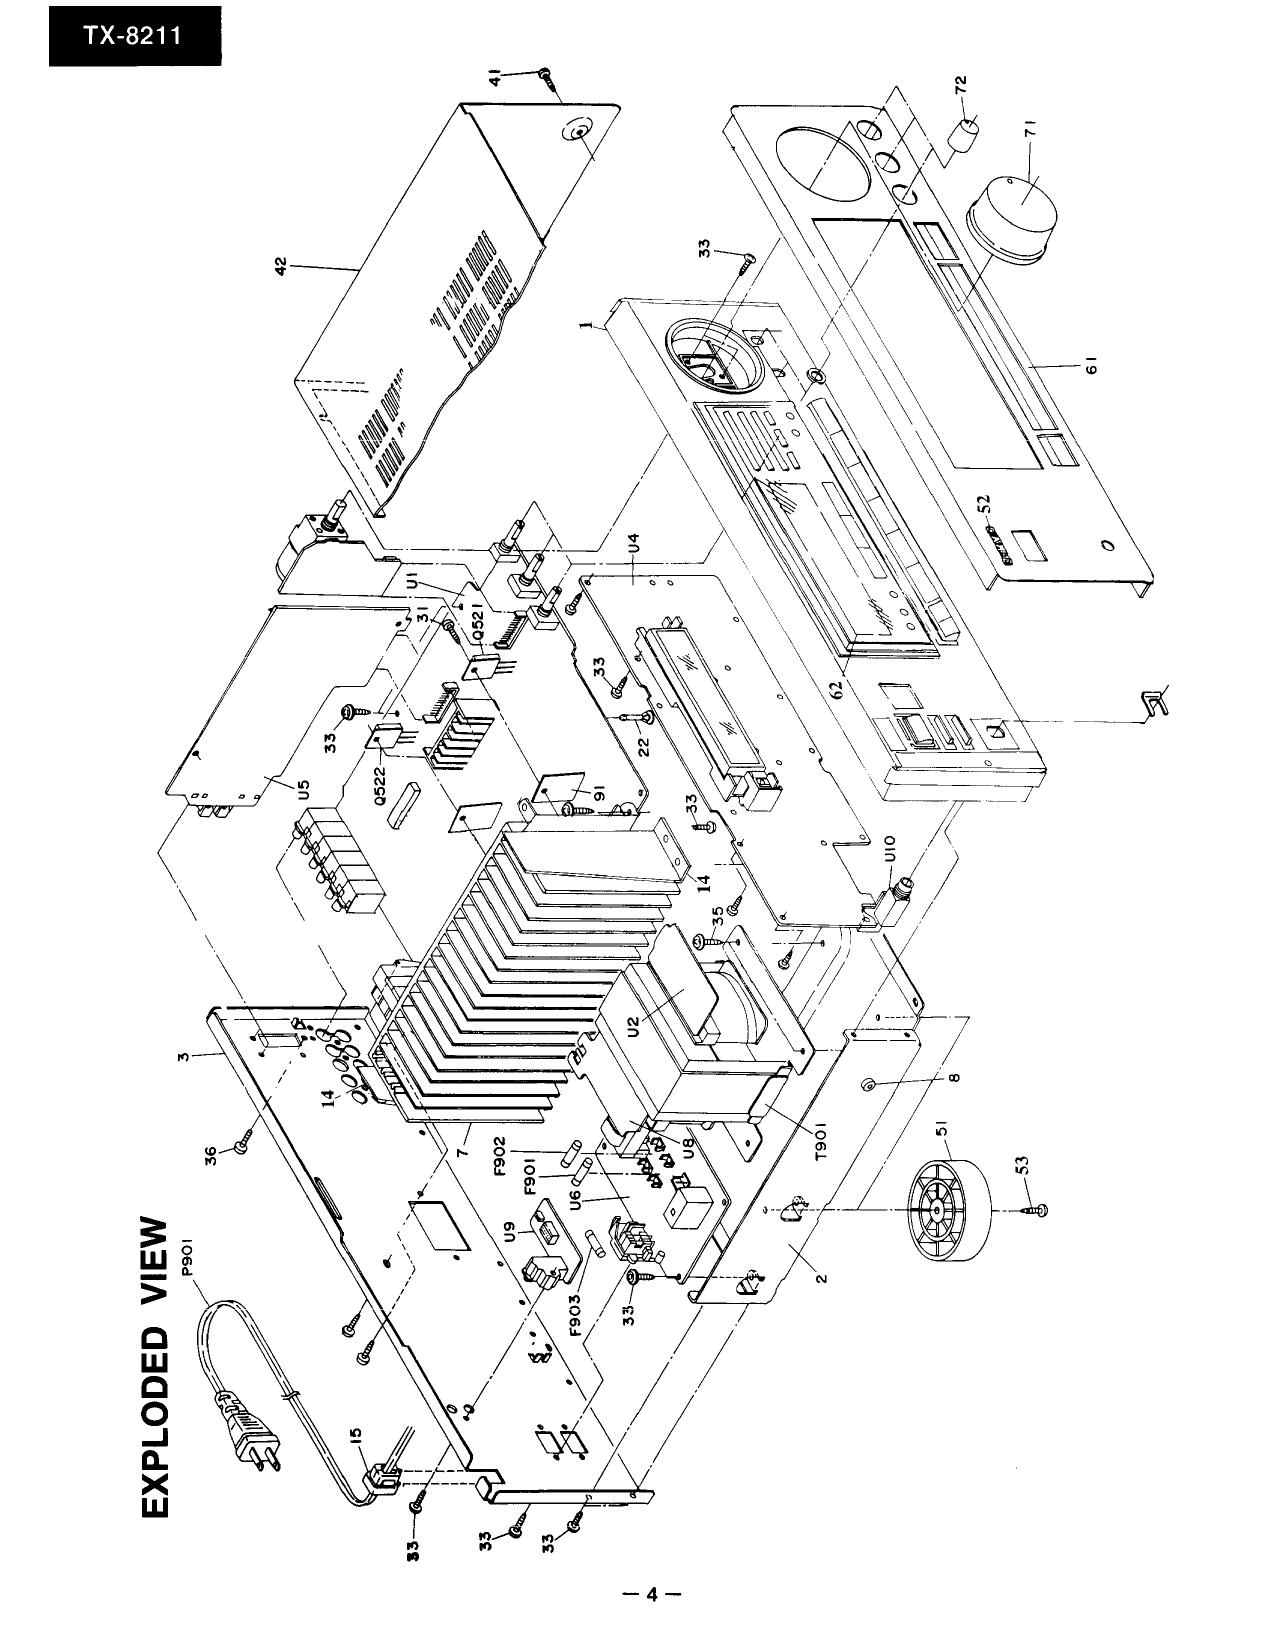 onkyo tx 8211 service manual